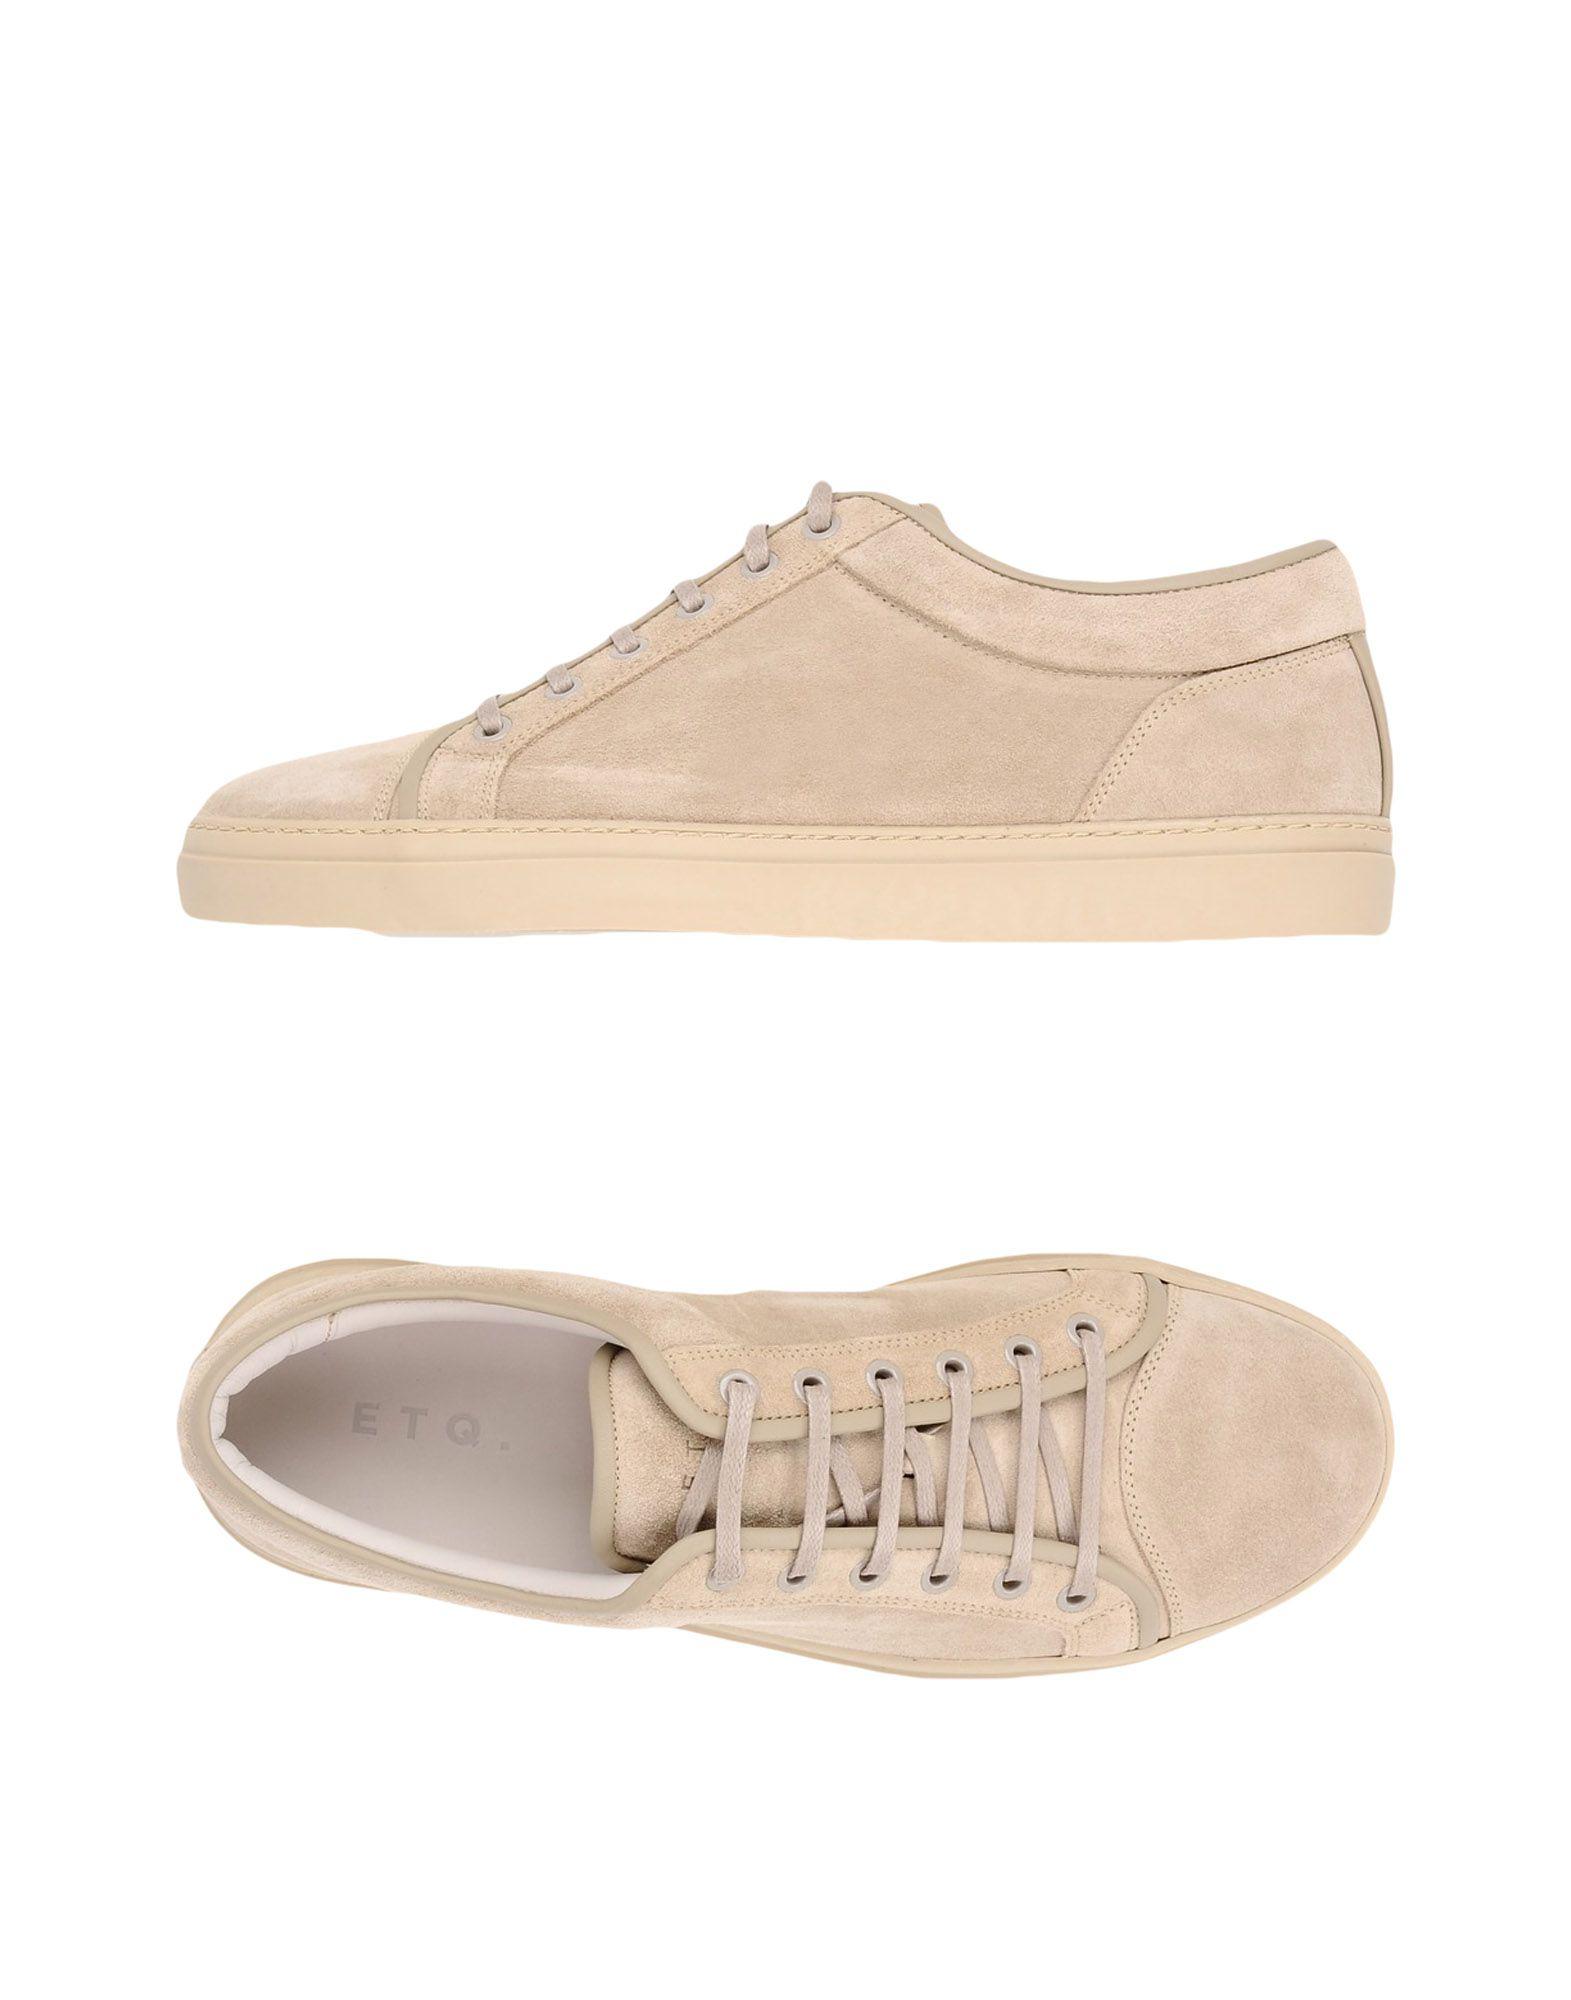 Amsterdam su Etq online Uomo Acquista Sneakers 14ZP5q1